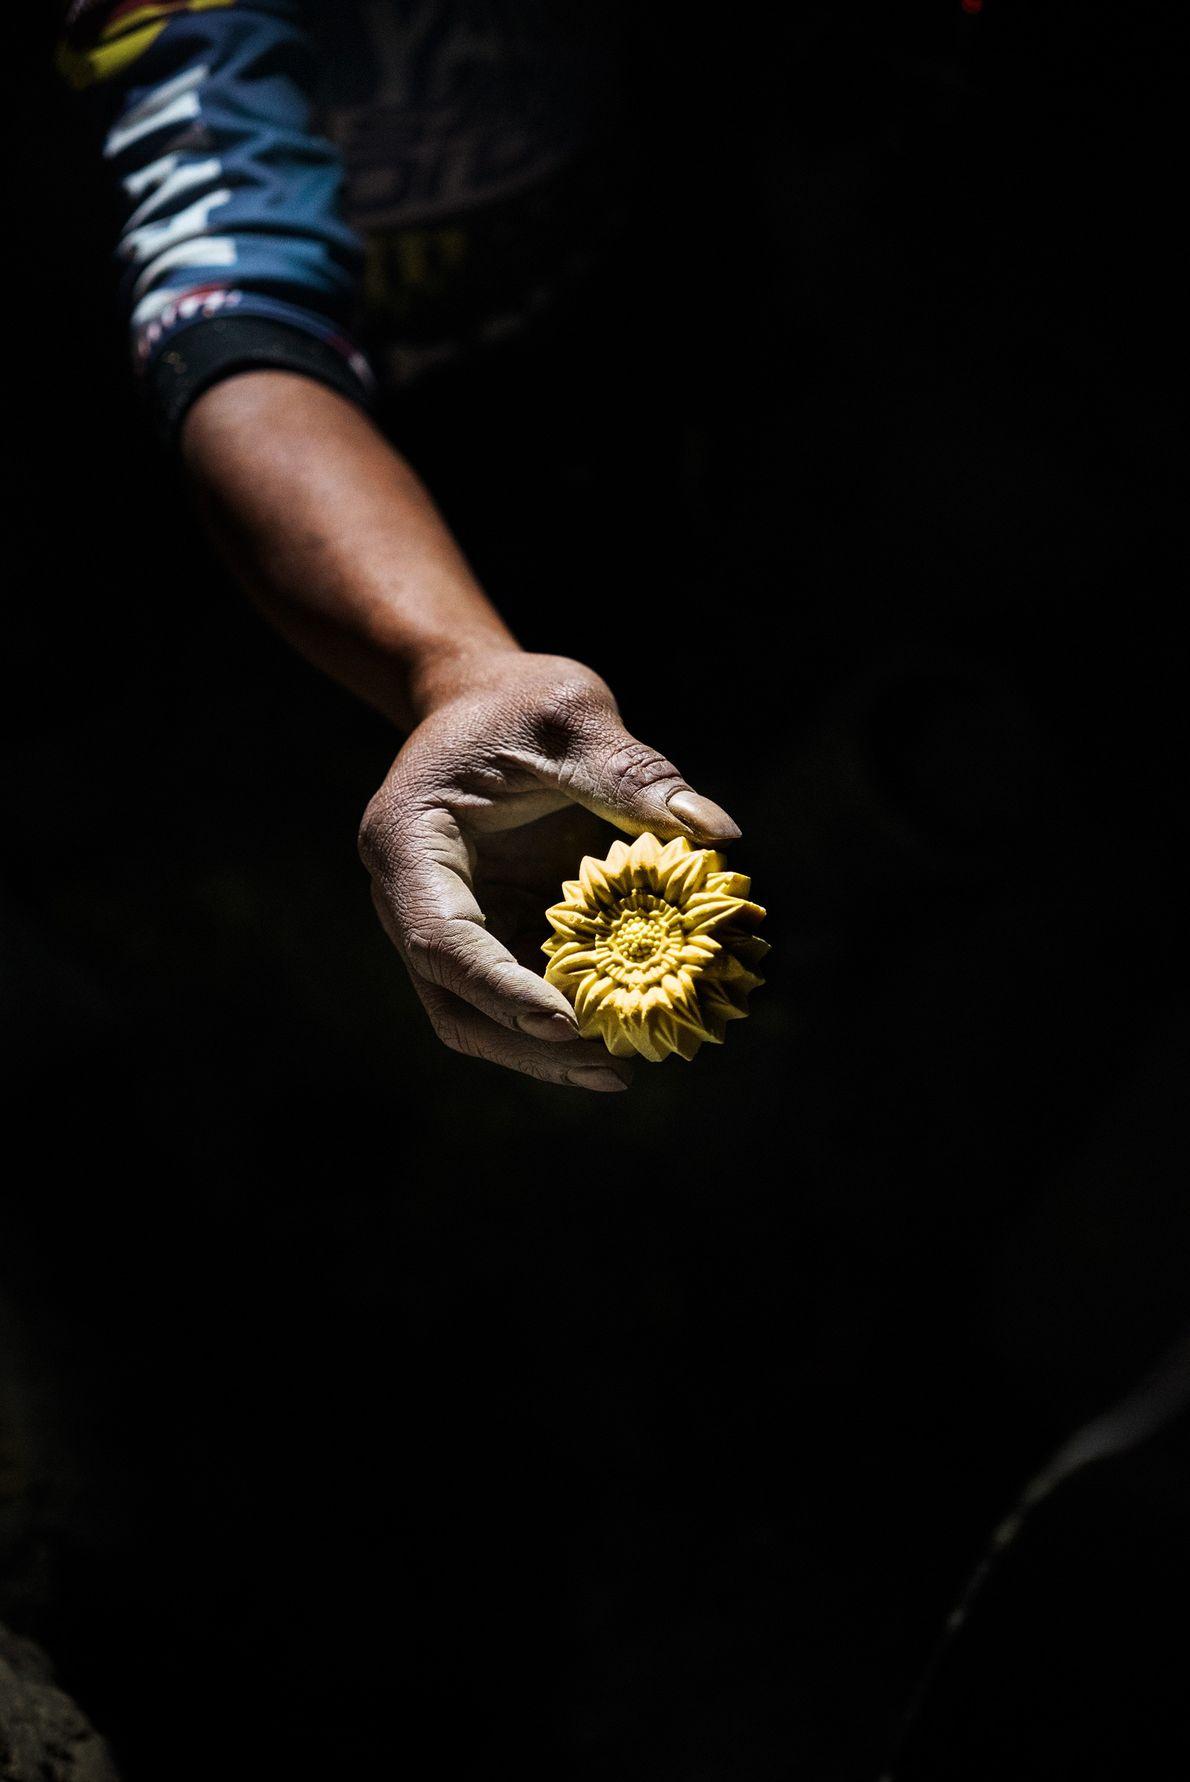 Wito, âgé de quarante-trois ans, grave une fleur dans un bloc de soufre pour gagner un ...